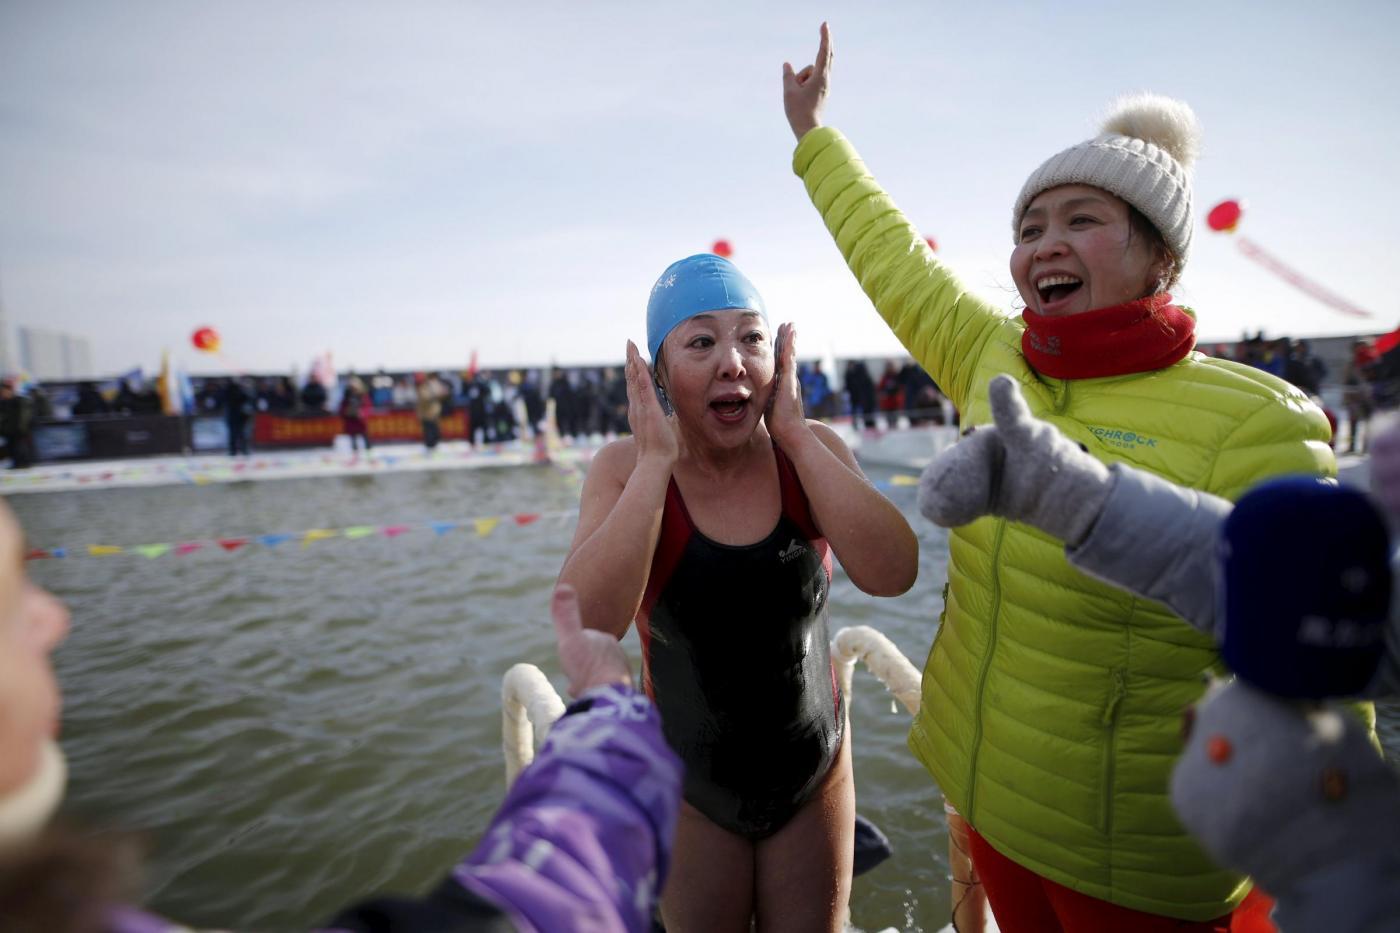 Cina Gara Di Nuoto All 39 Aperto Ad Harbin Temperature Da Brividi Foto